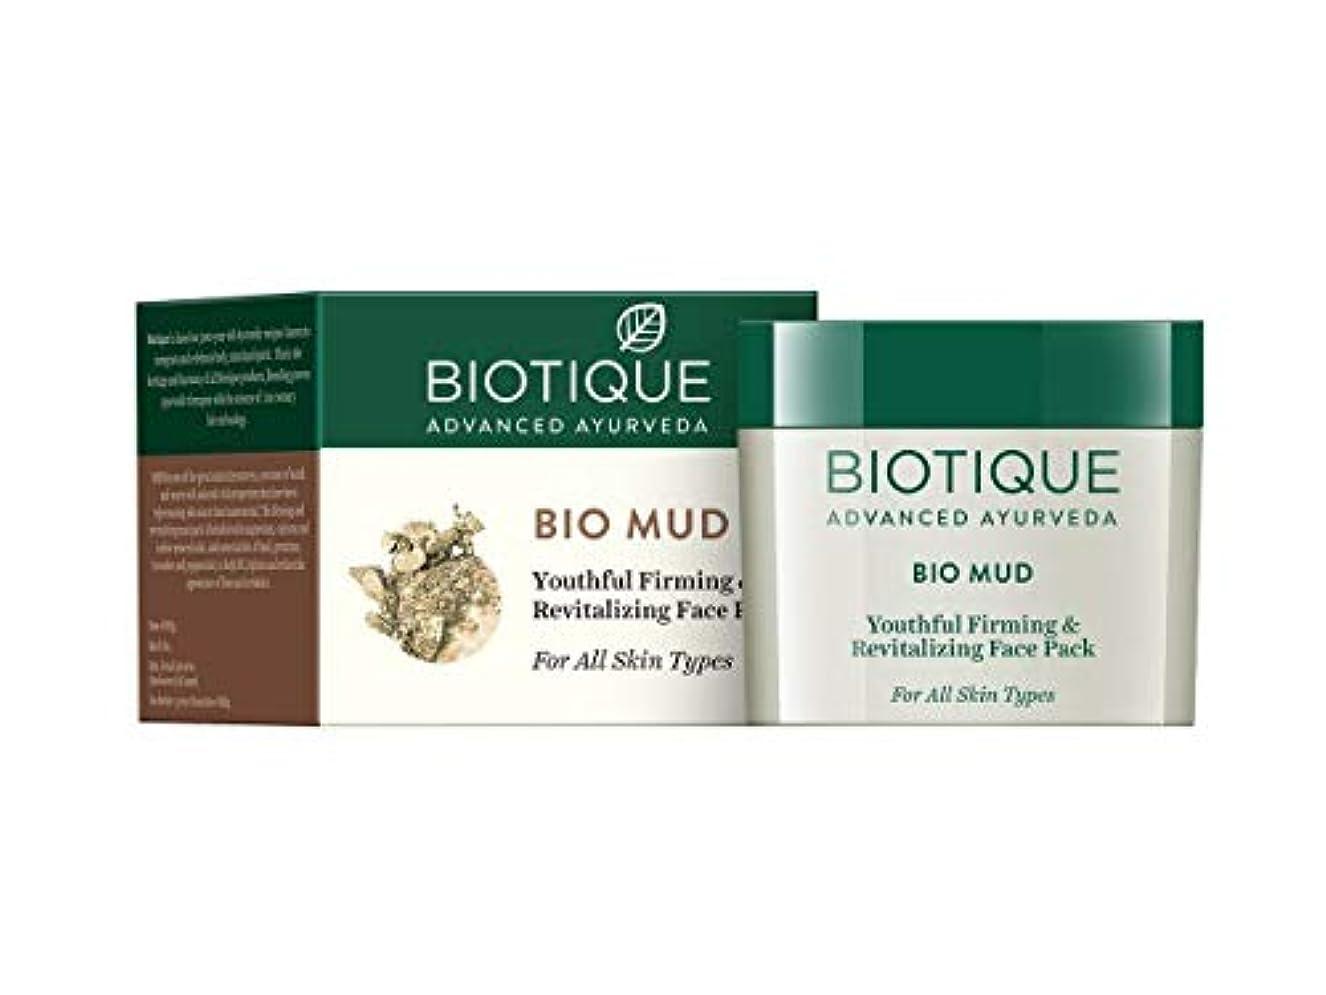 ジャグリング効果的にルートBiotique Mud Youthful Firming & Revitalizing Face Pack For All Skin Types 75 gm すべての肌タイプのためのBiotique泥若々しい引き締めと...